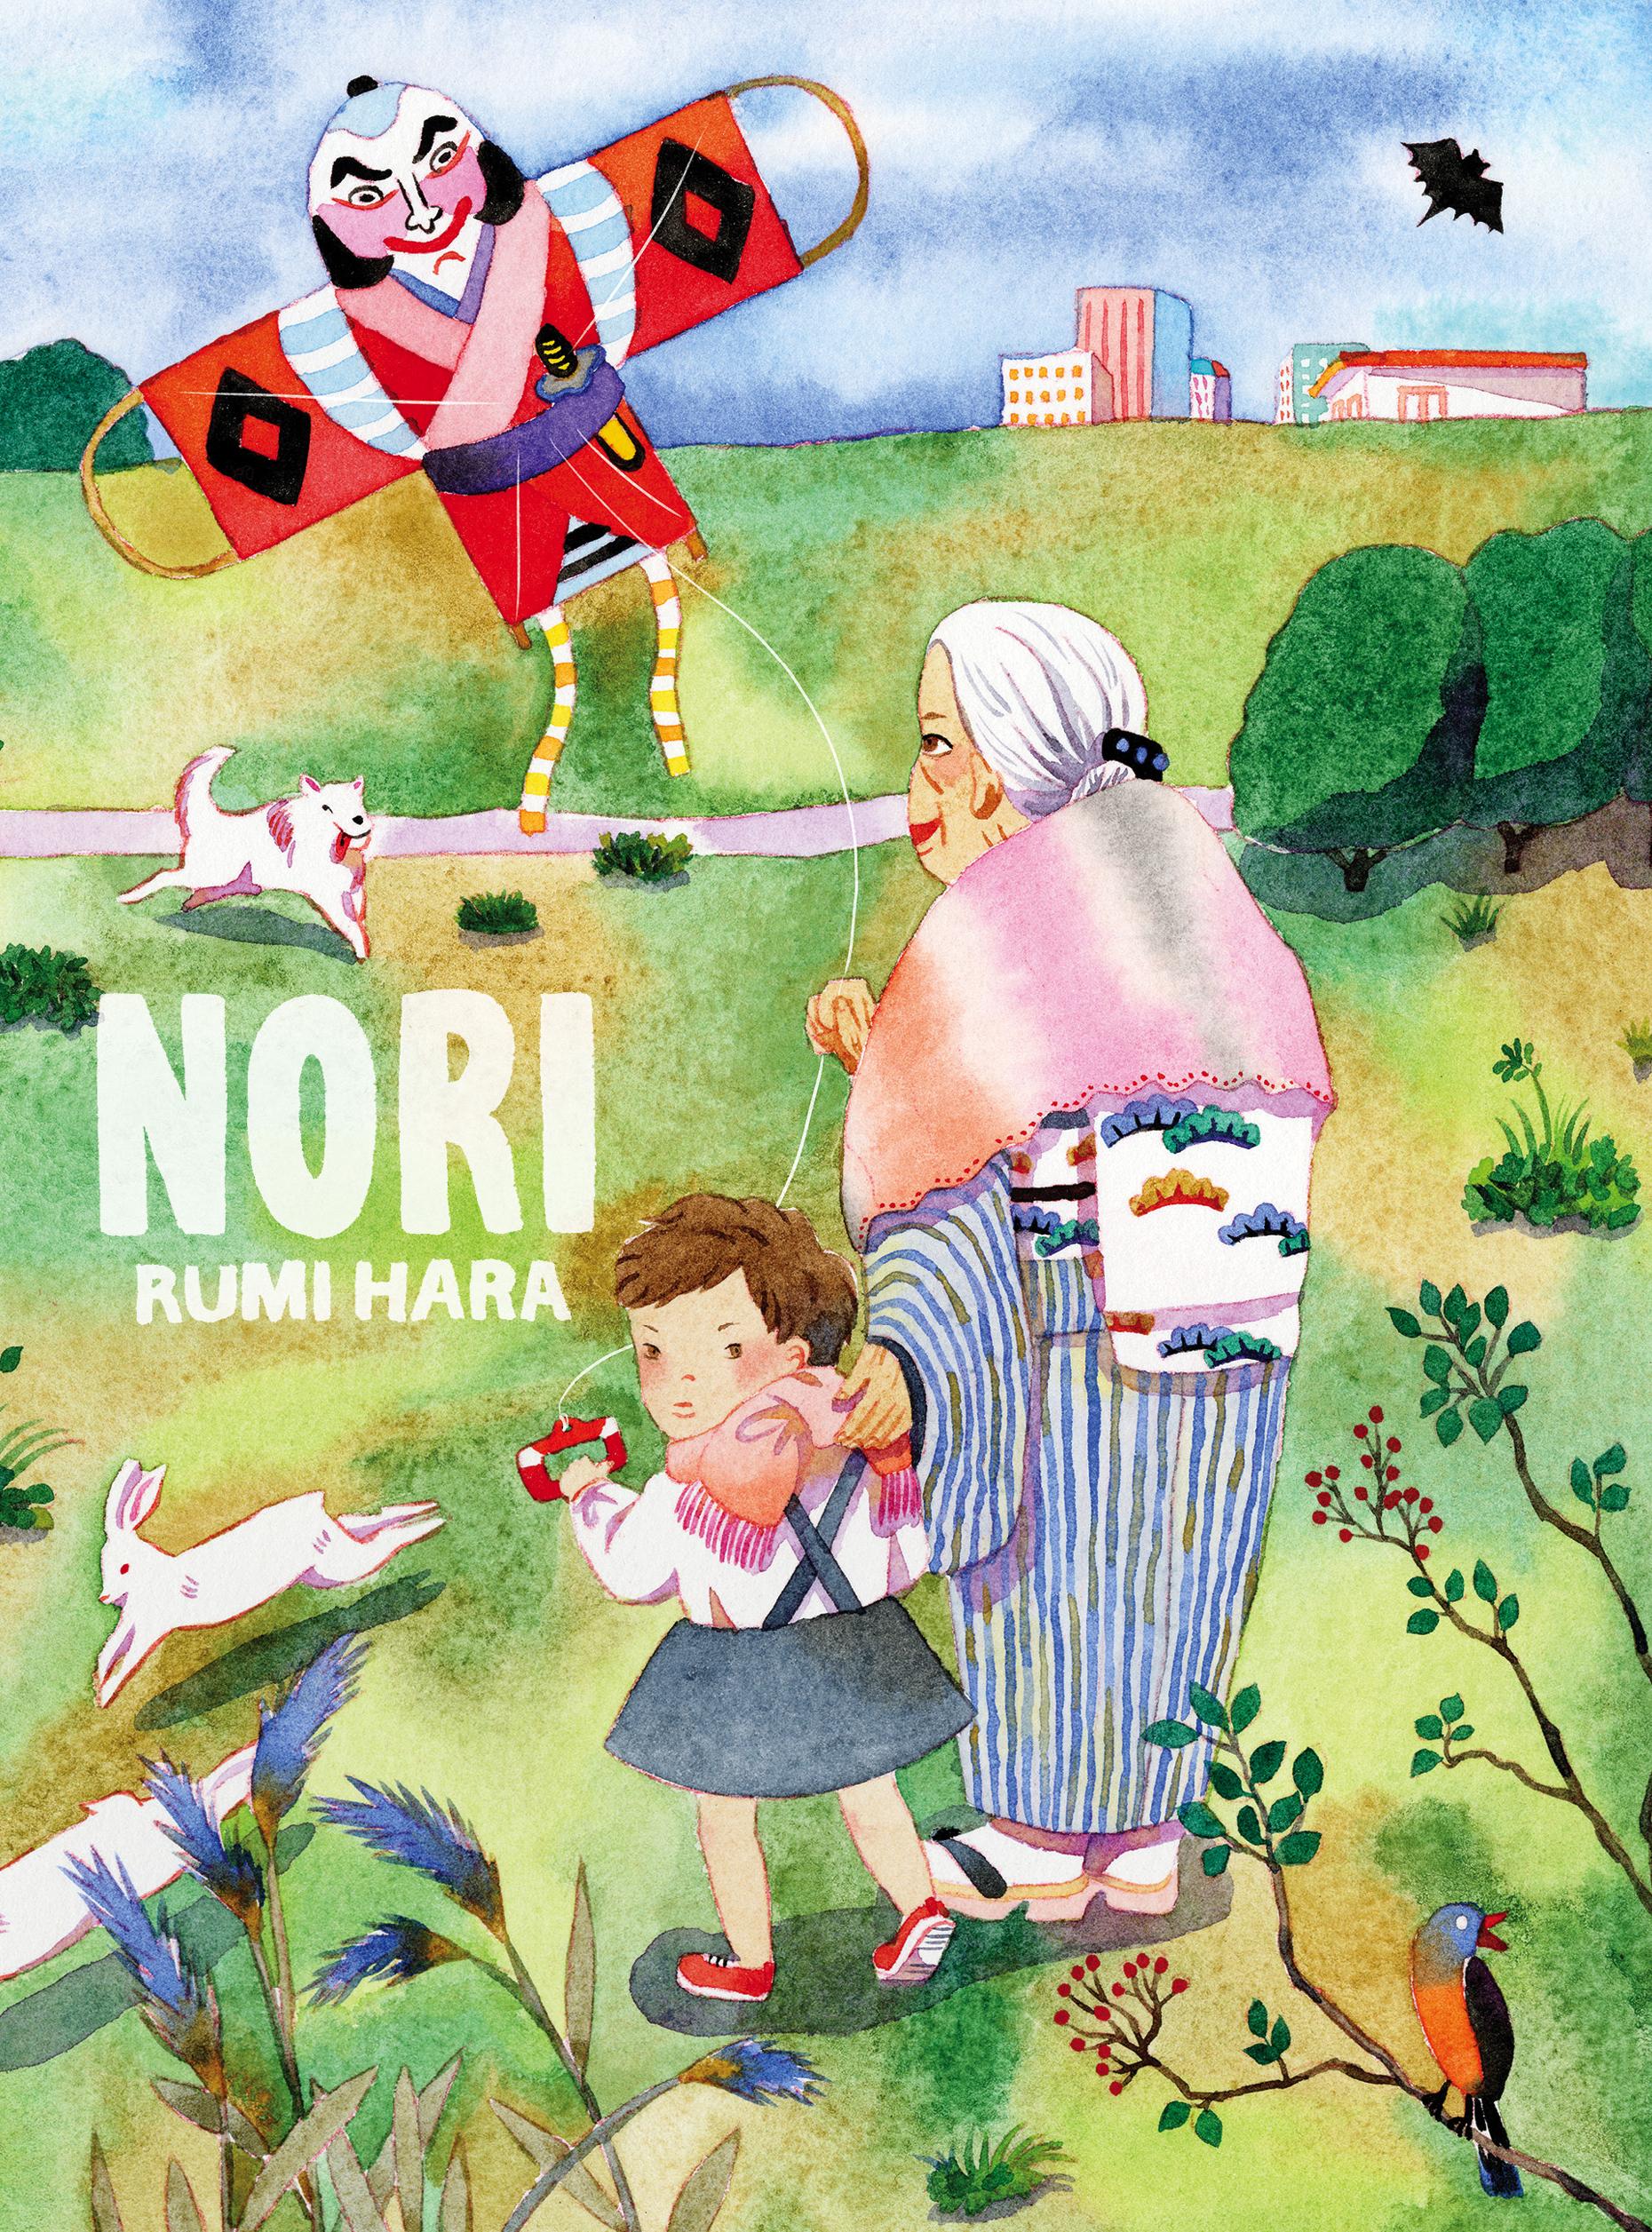 Nori book cover